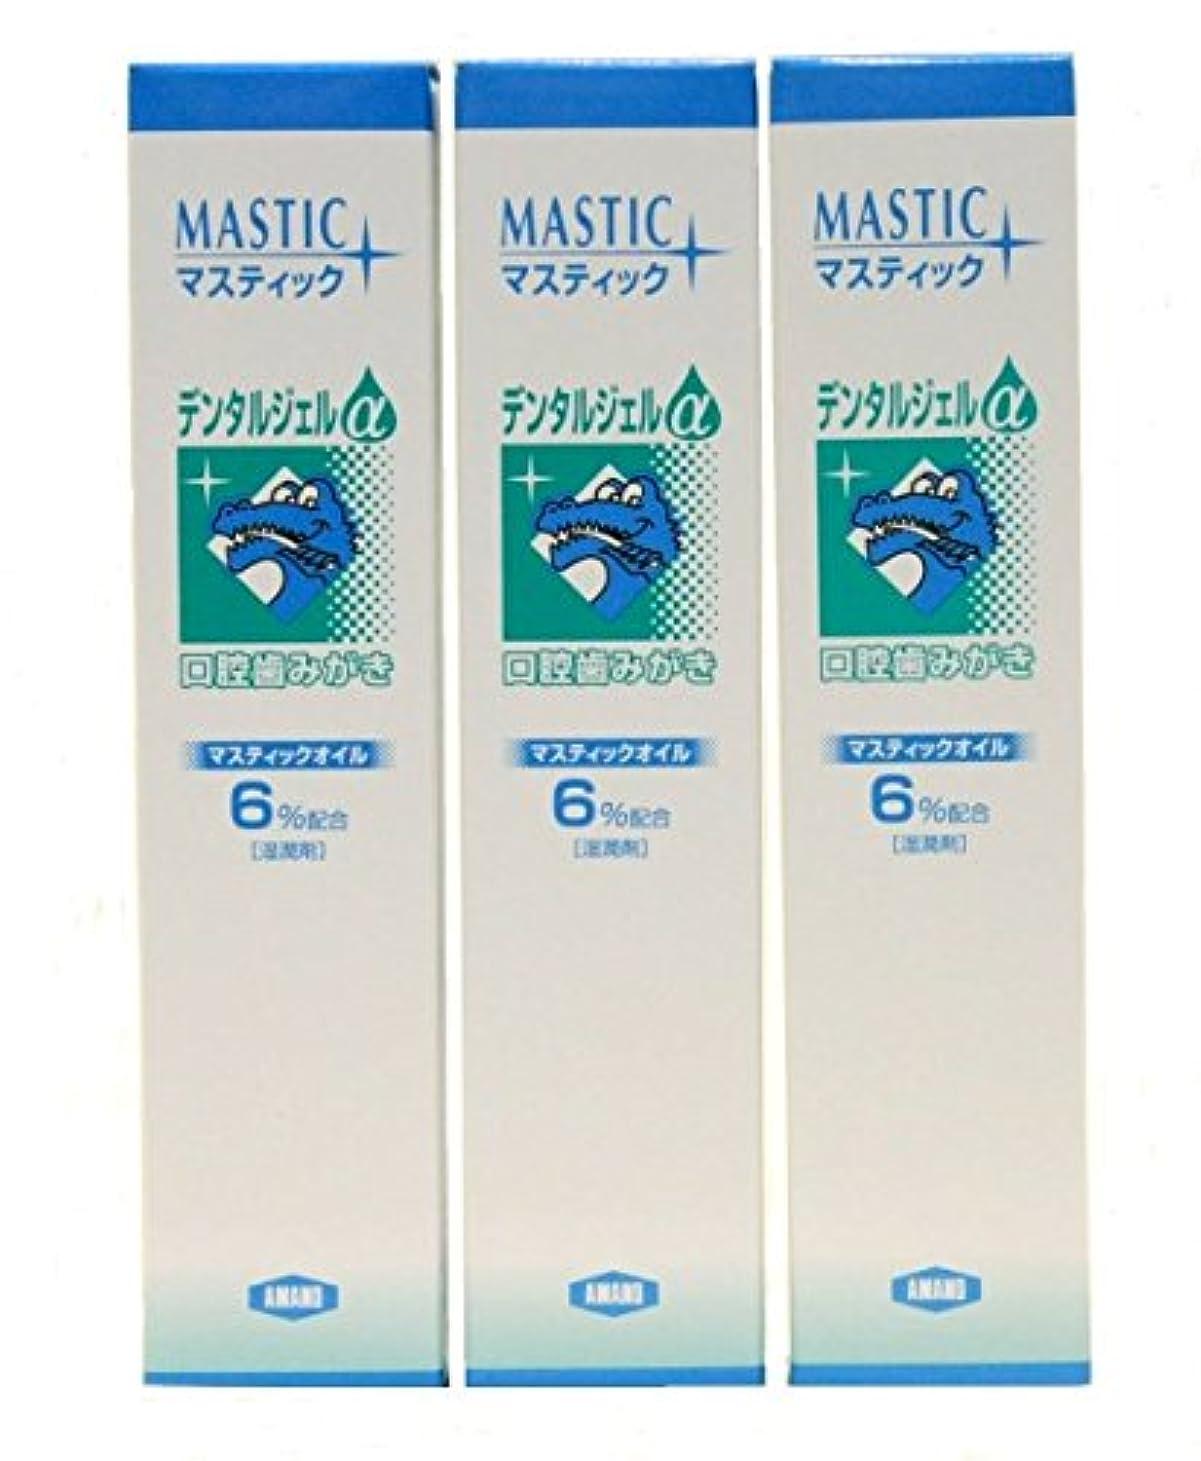 MASTIC マスティックデンタルジェルα45gX3個セット